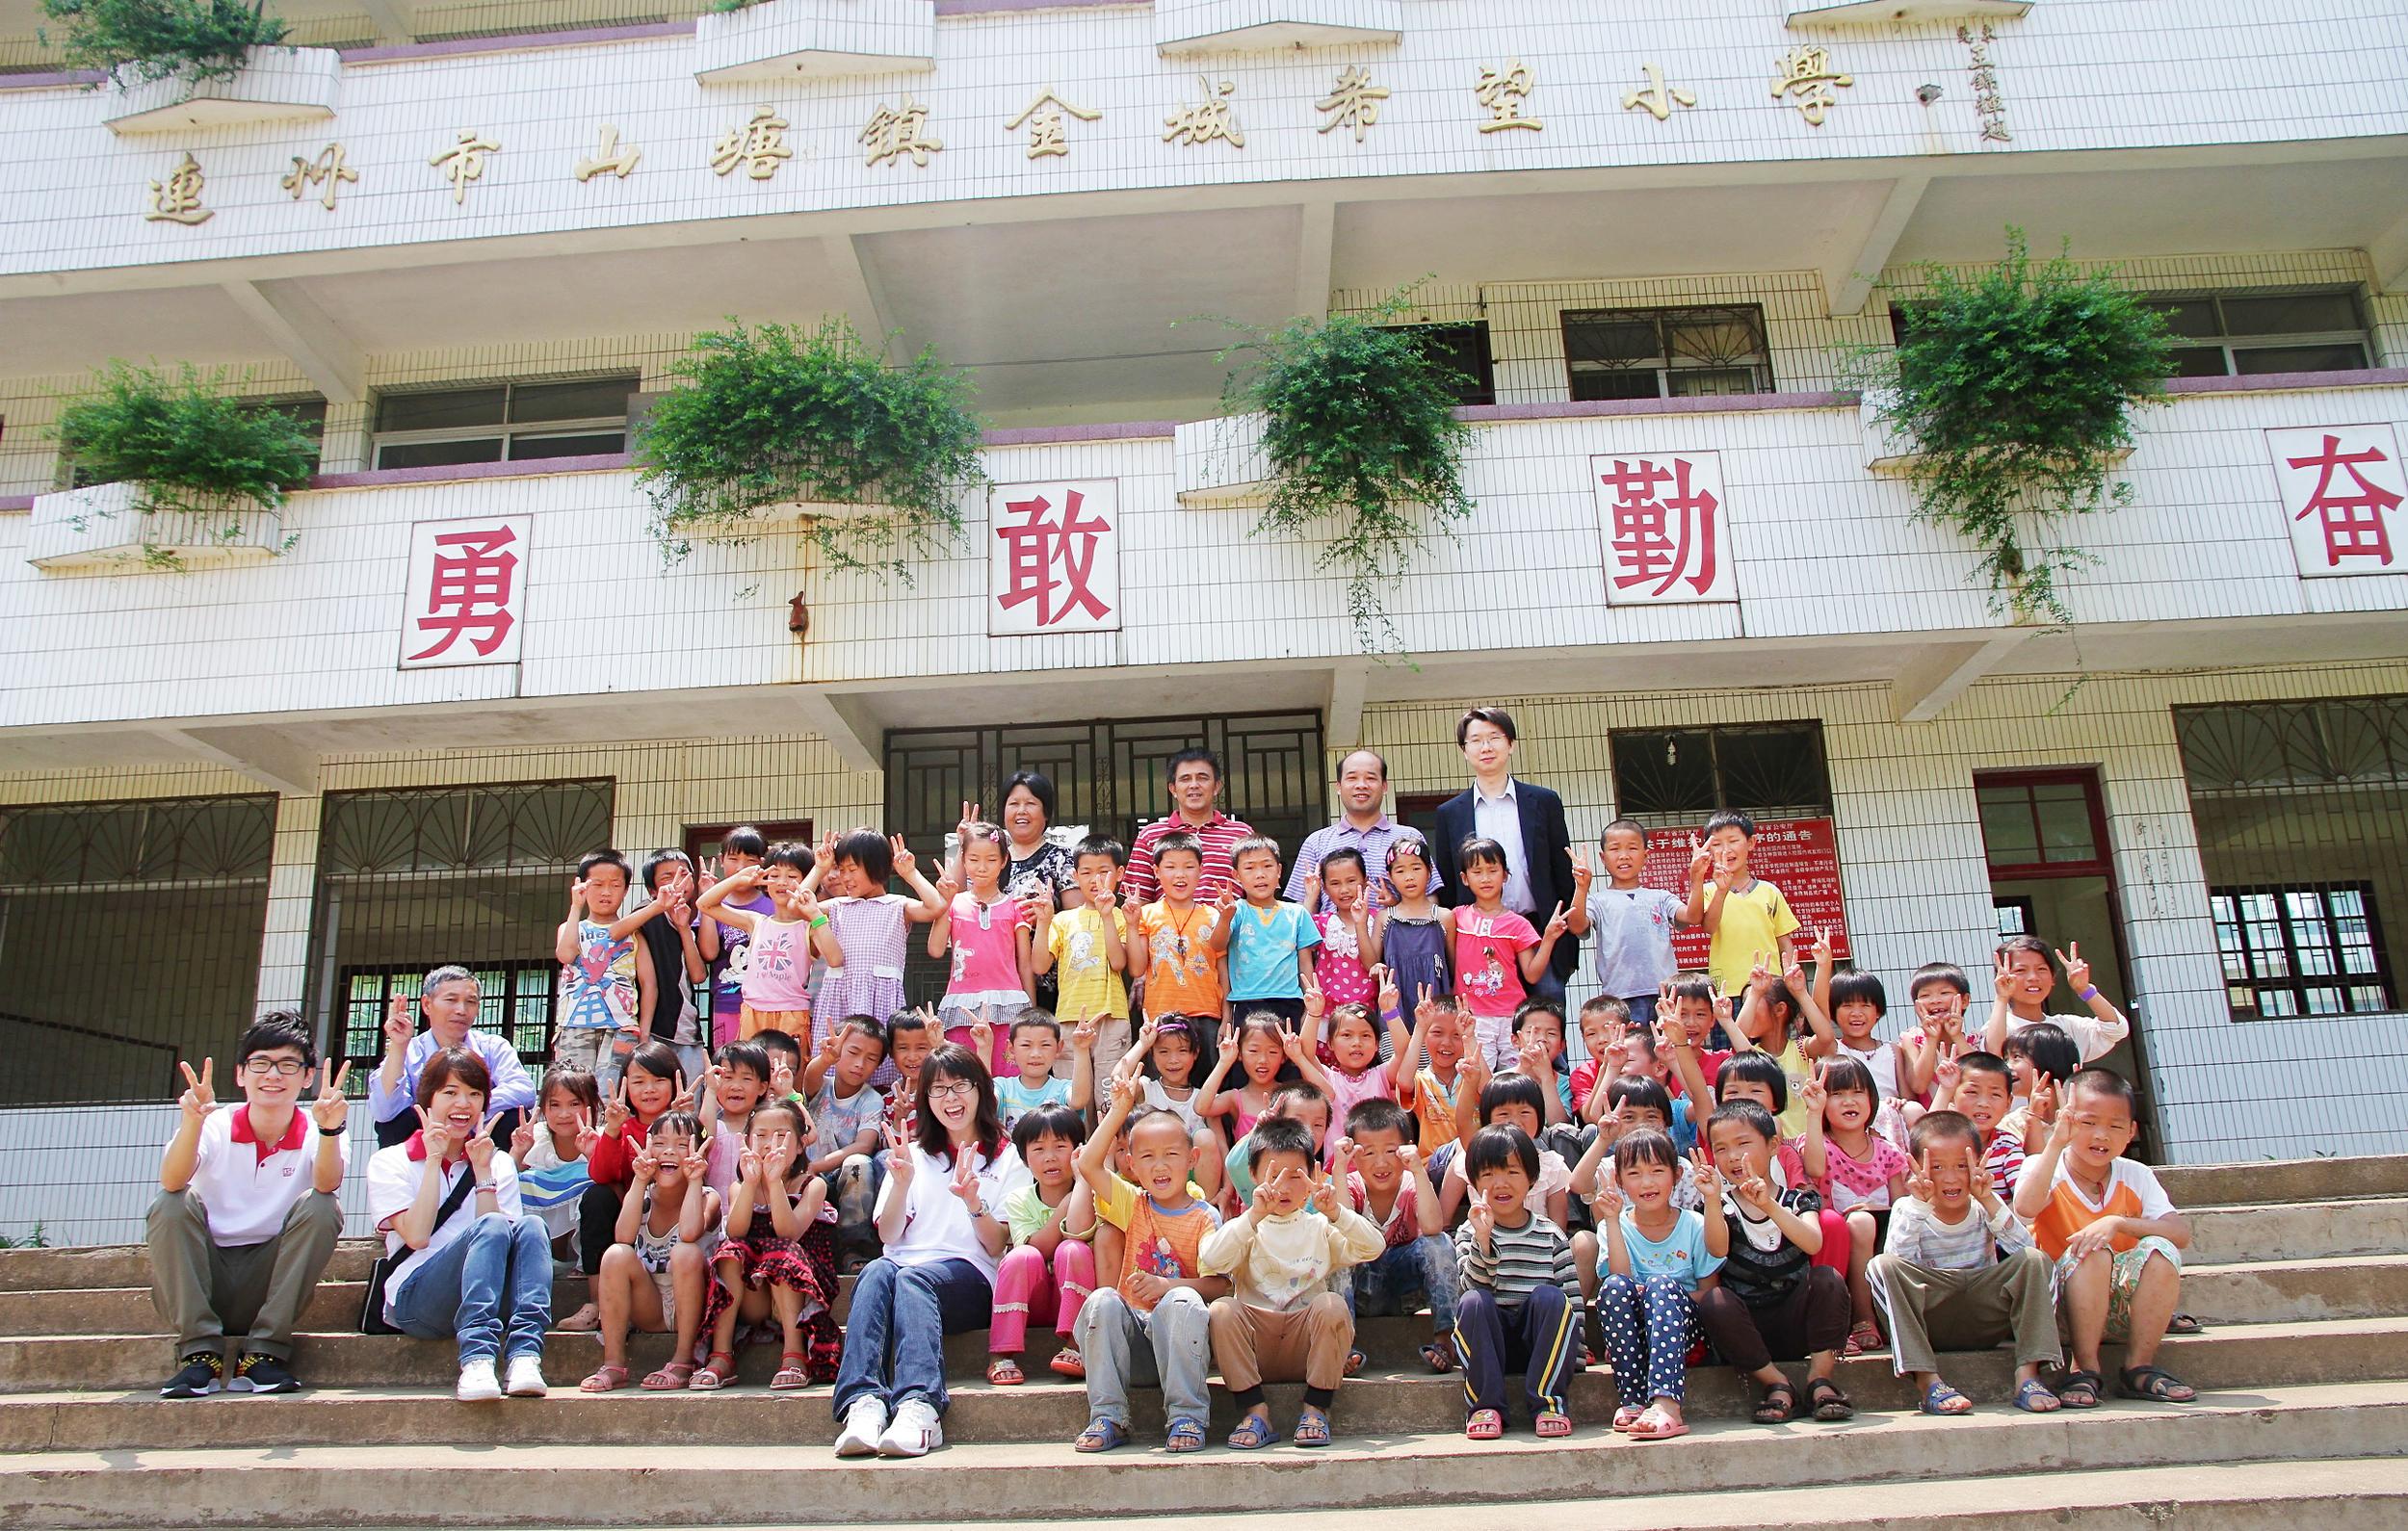 廣東省 連州市山塘鎮金城希望小學